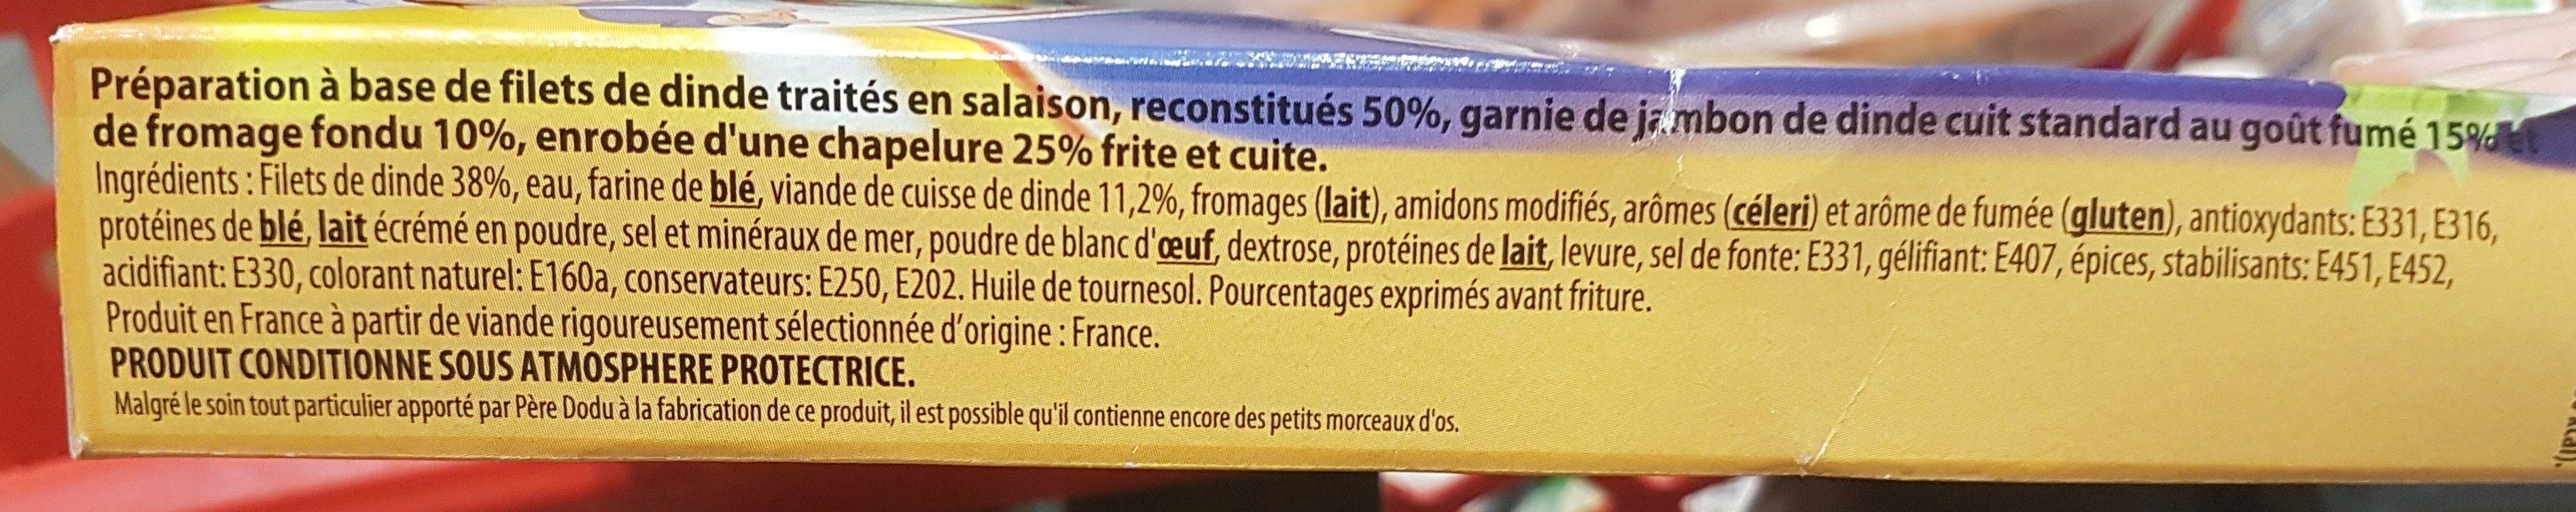 Cordon bleu de dinde - Ingrédients